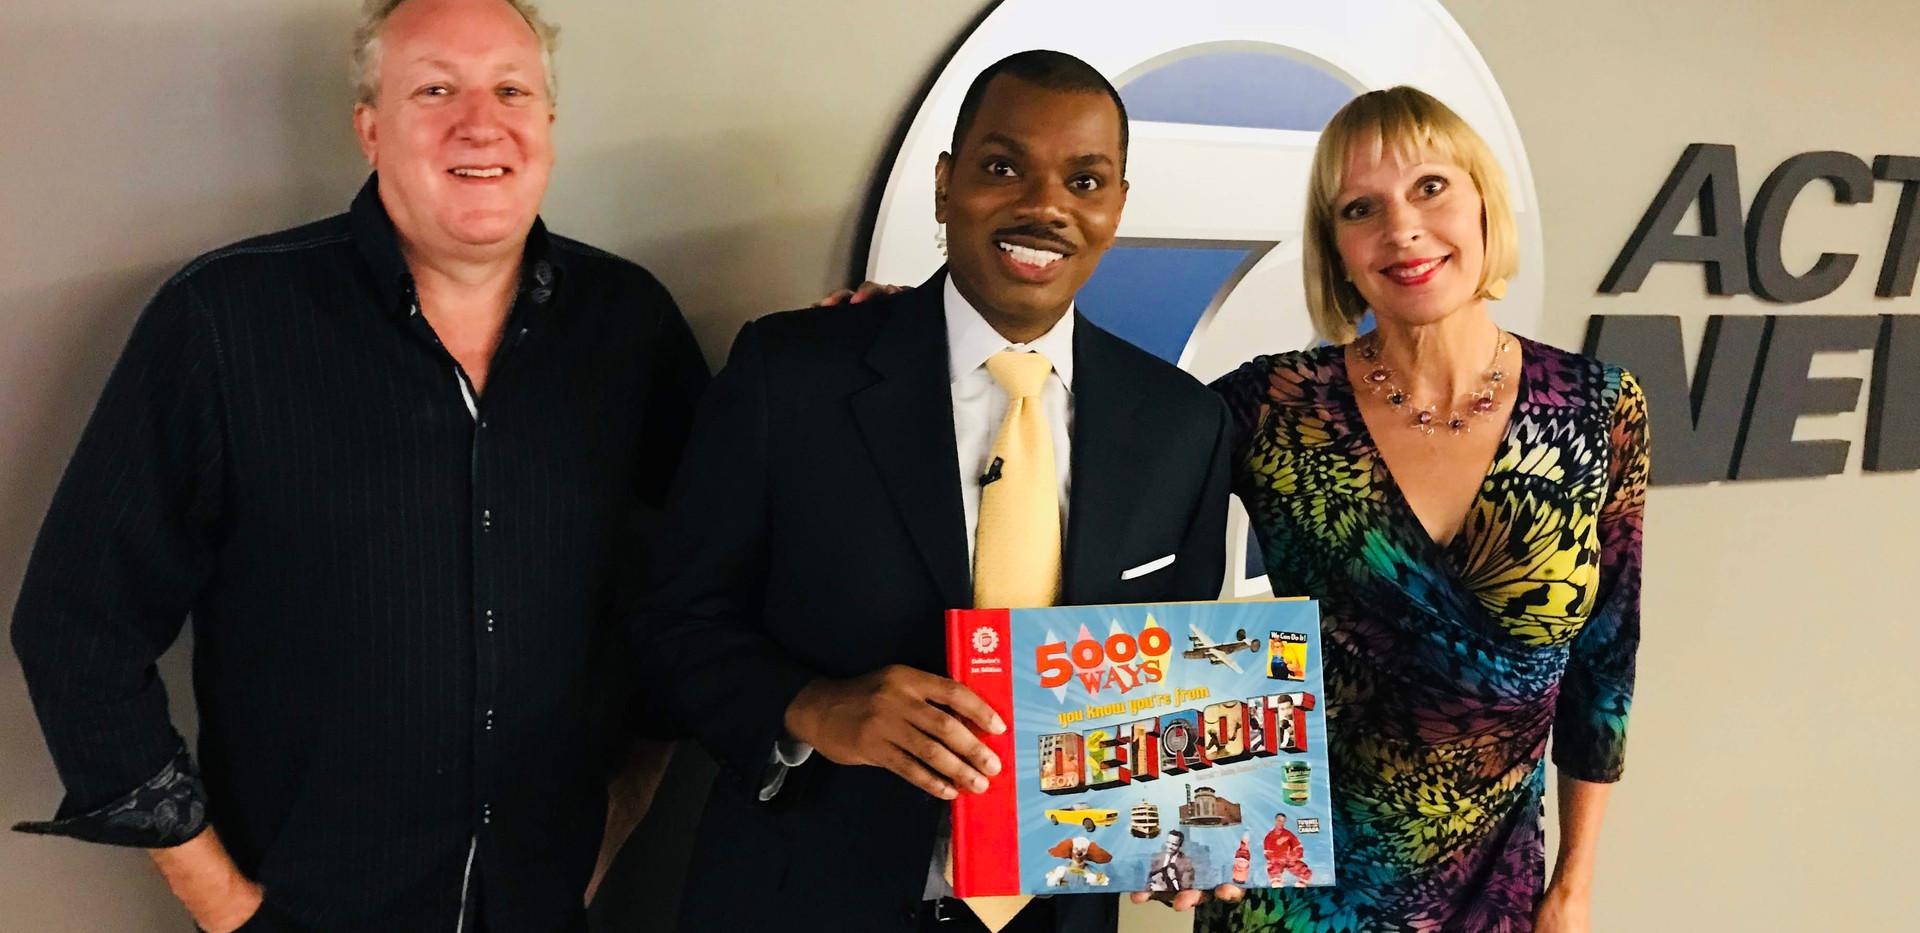 WXYZ TV Detroit 2018